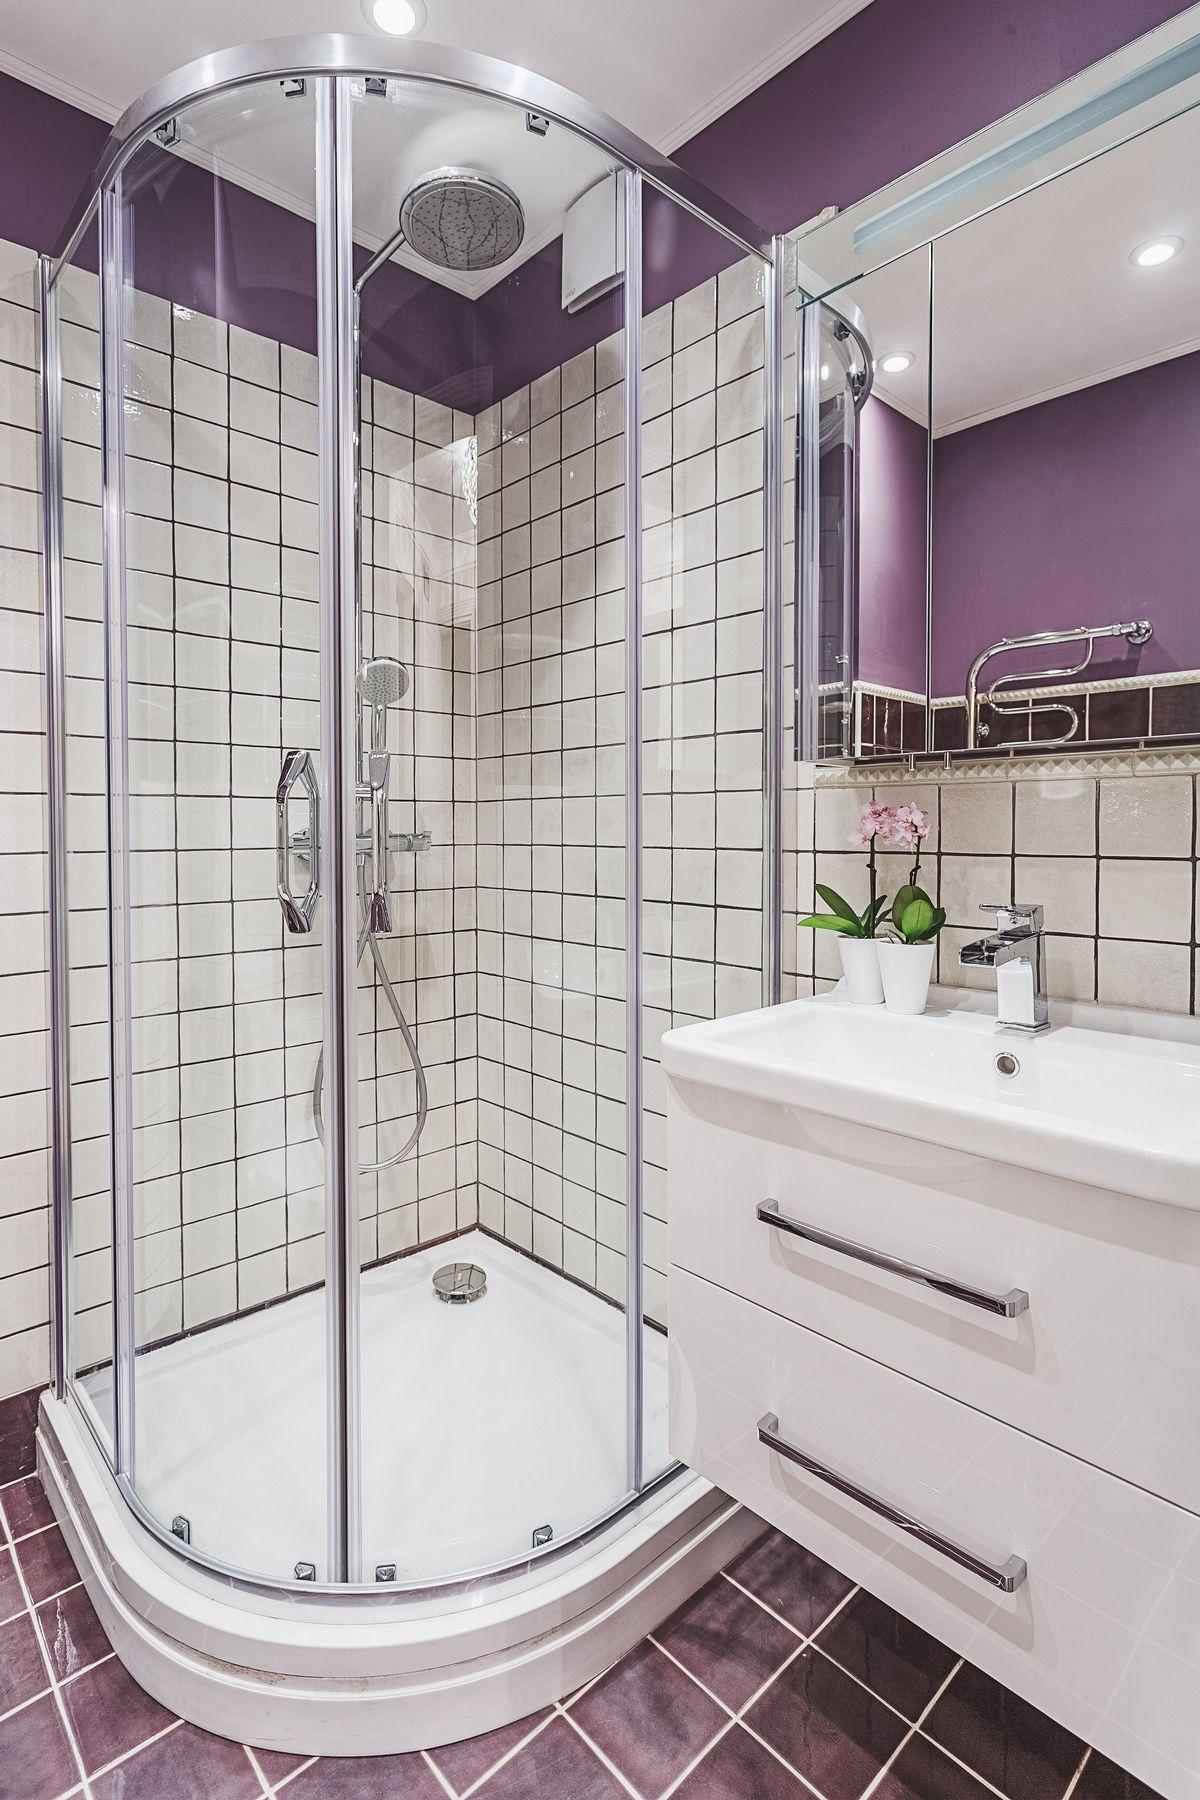 идея для маленькой ванной комнаты угловая душевая кабина ванная